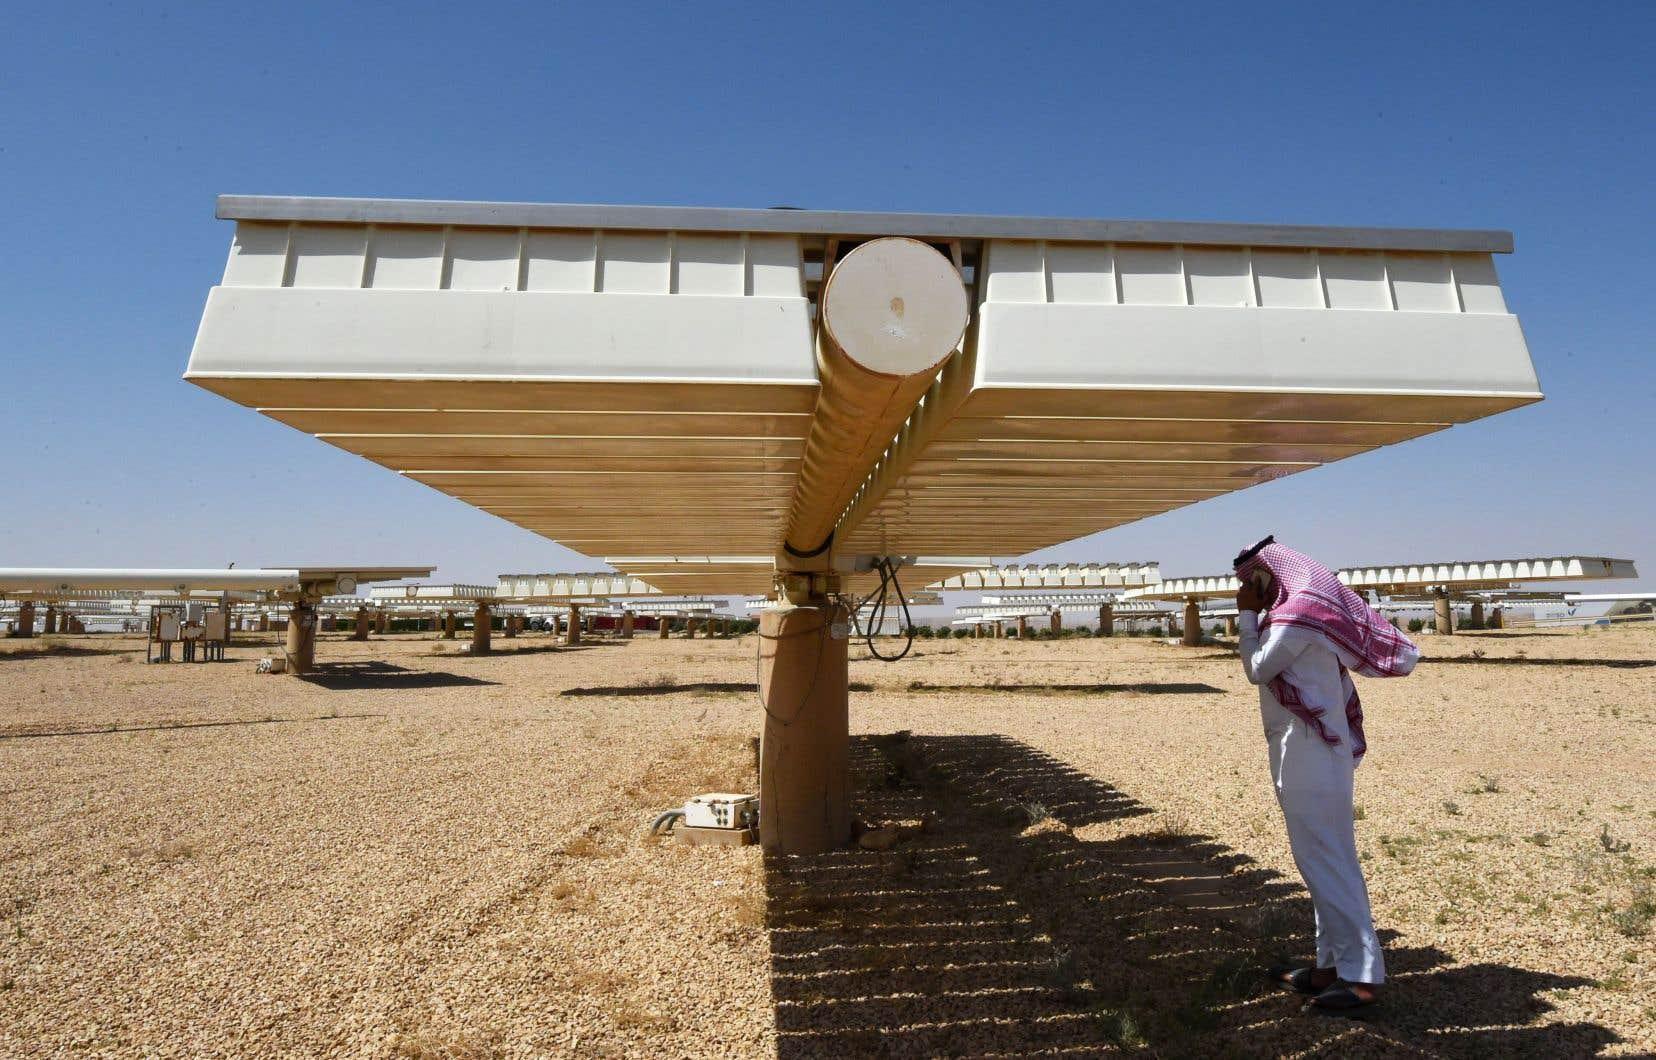 Le projet solaire vise à produire bien au-delà des besoins du royaume, soit 120 gigawatts d'ici 2032.